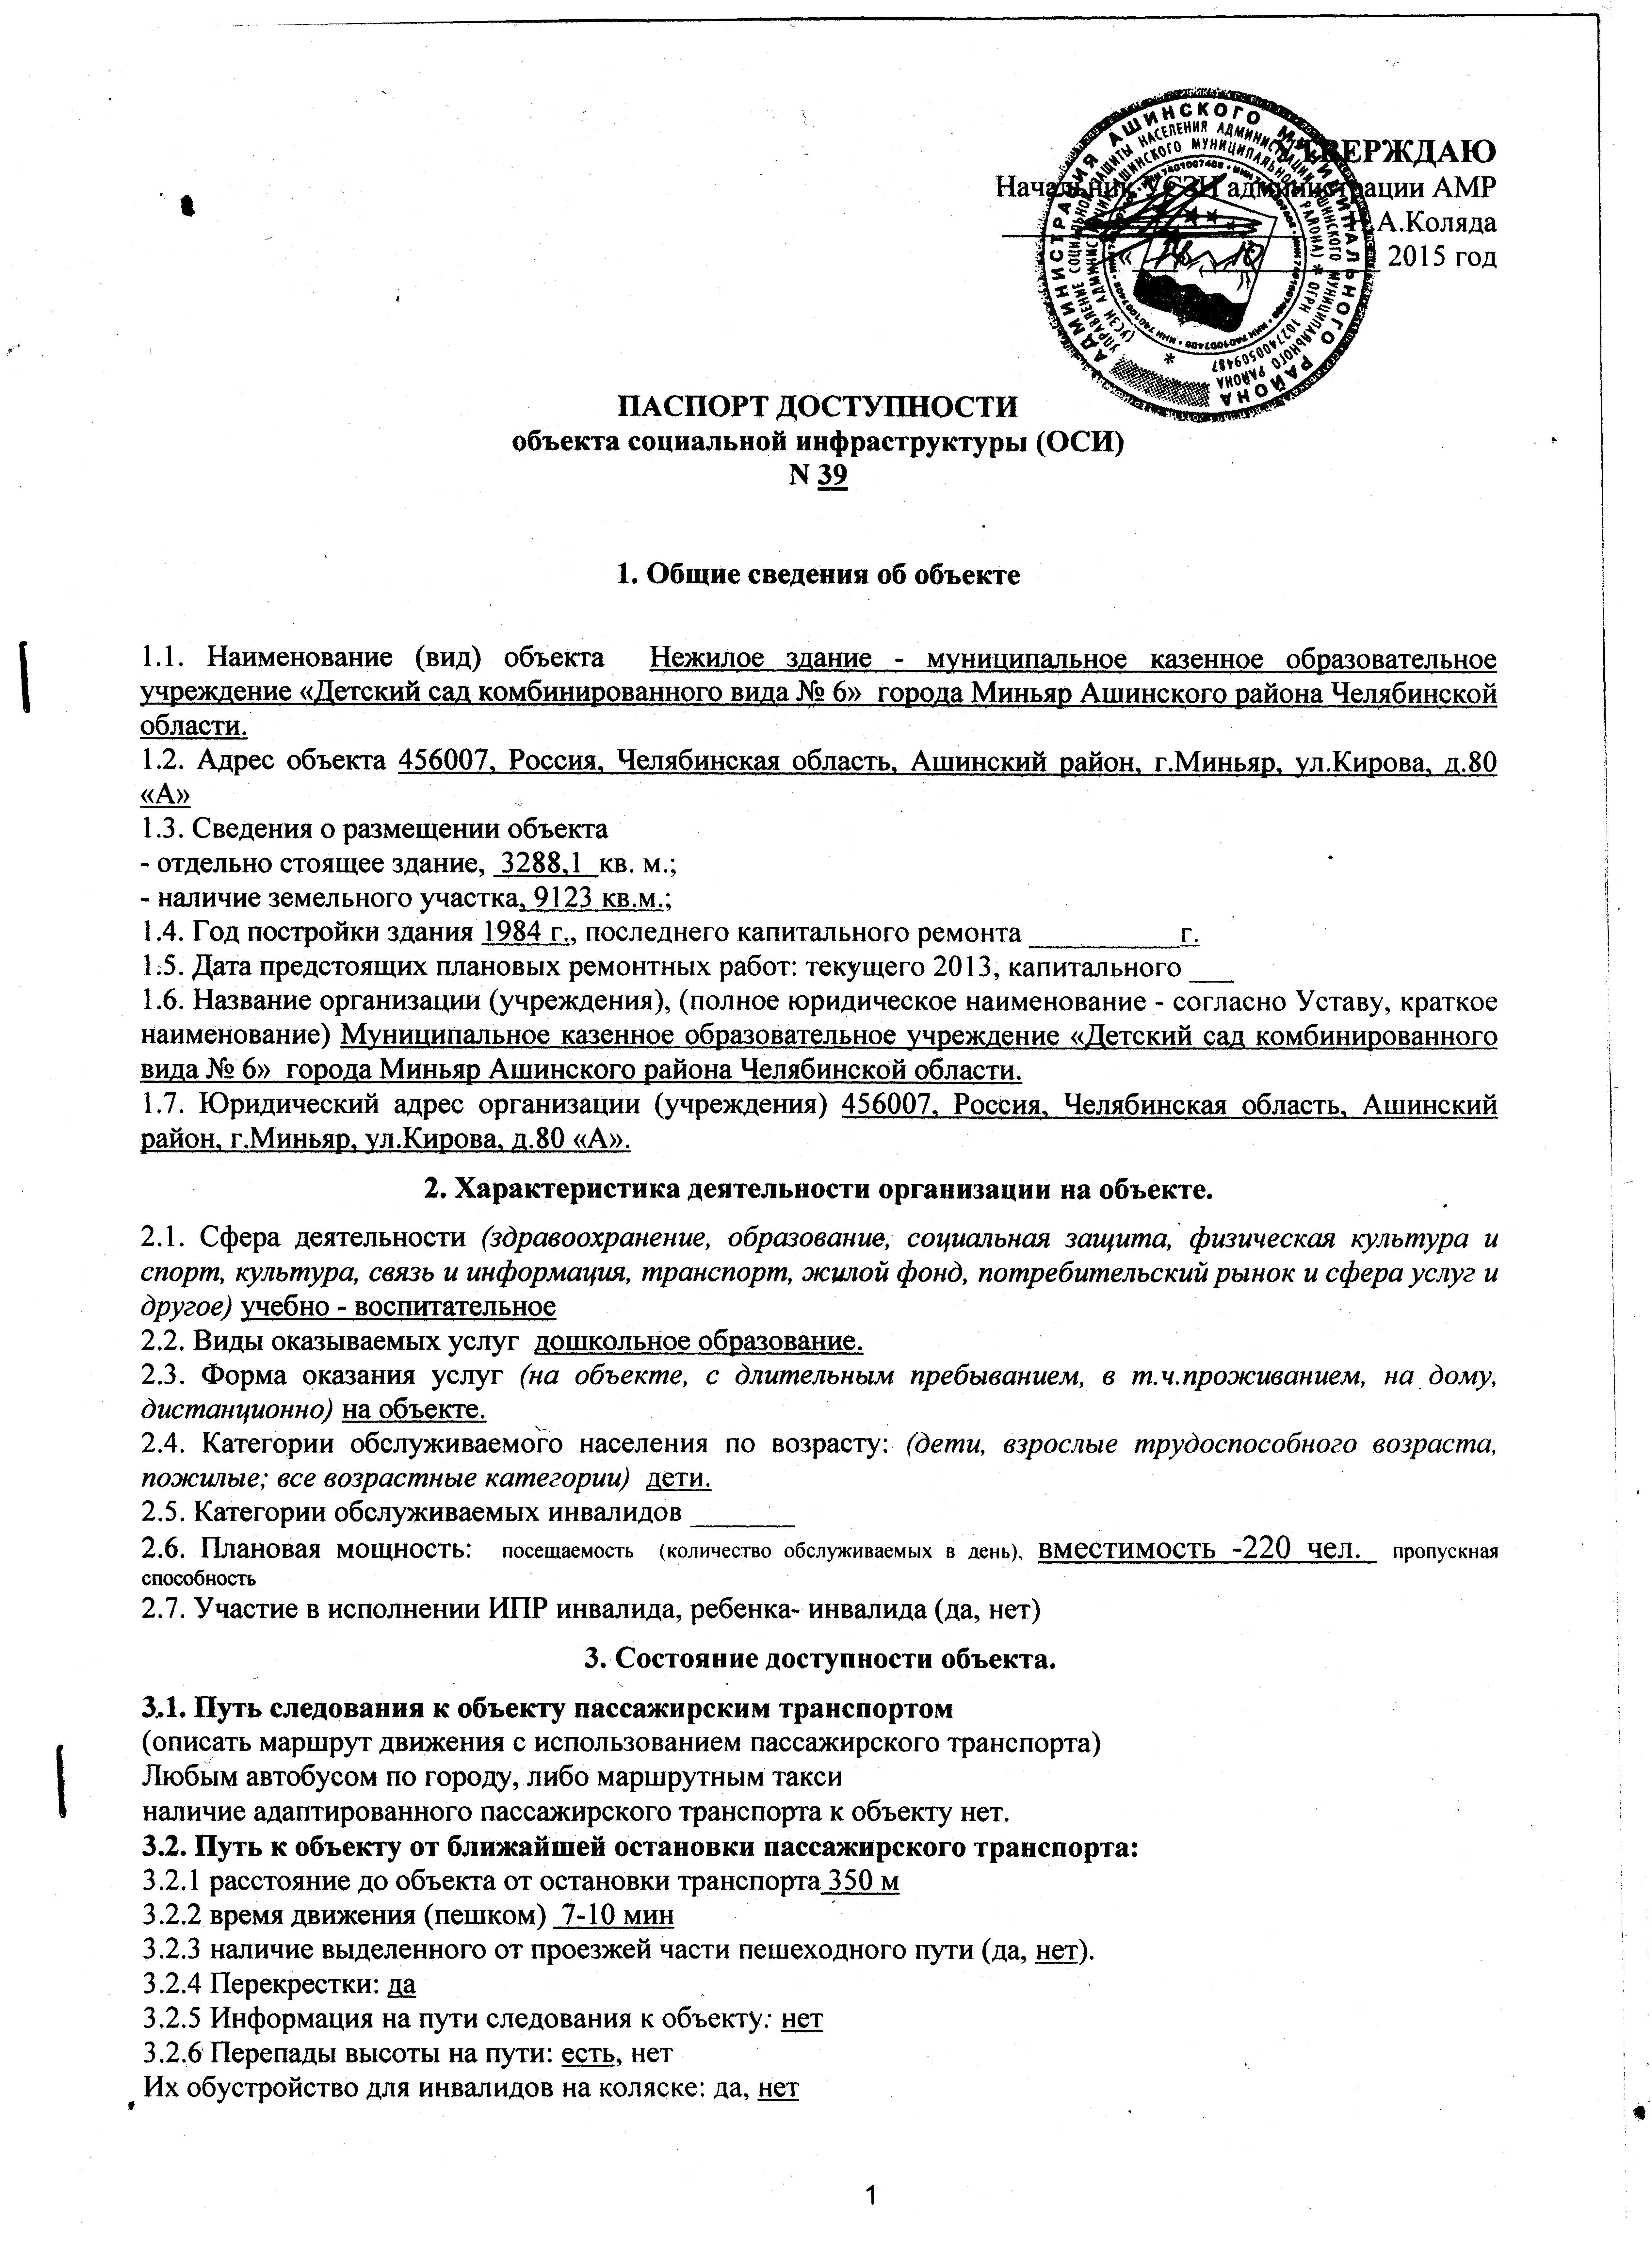 Методическое пособие Министерство труда и социальной